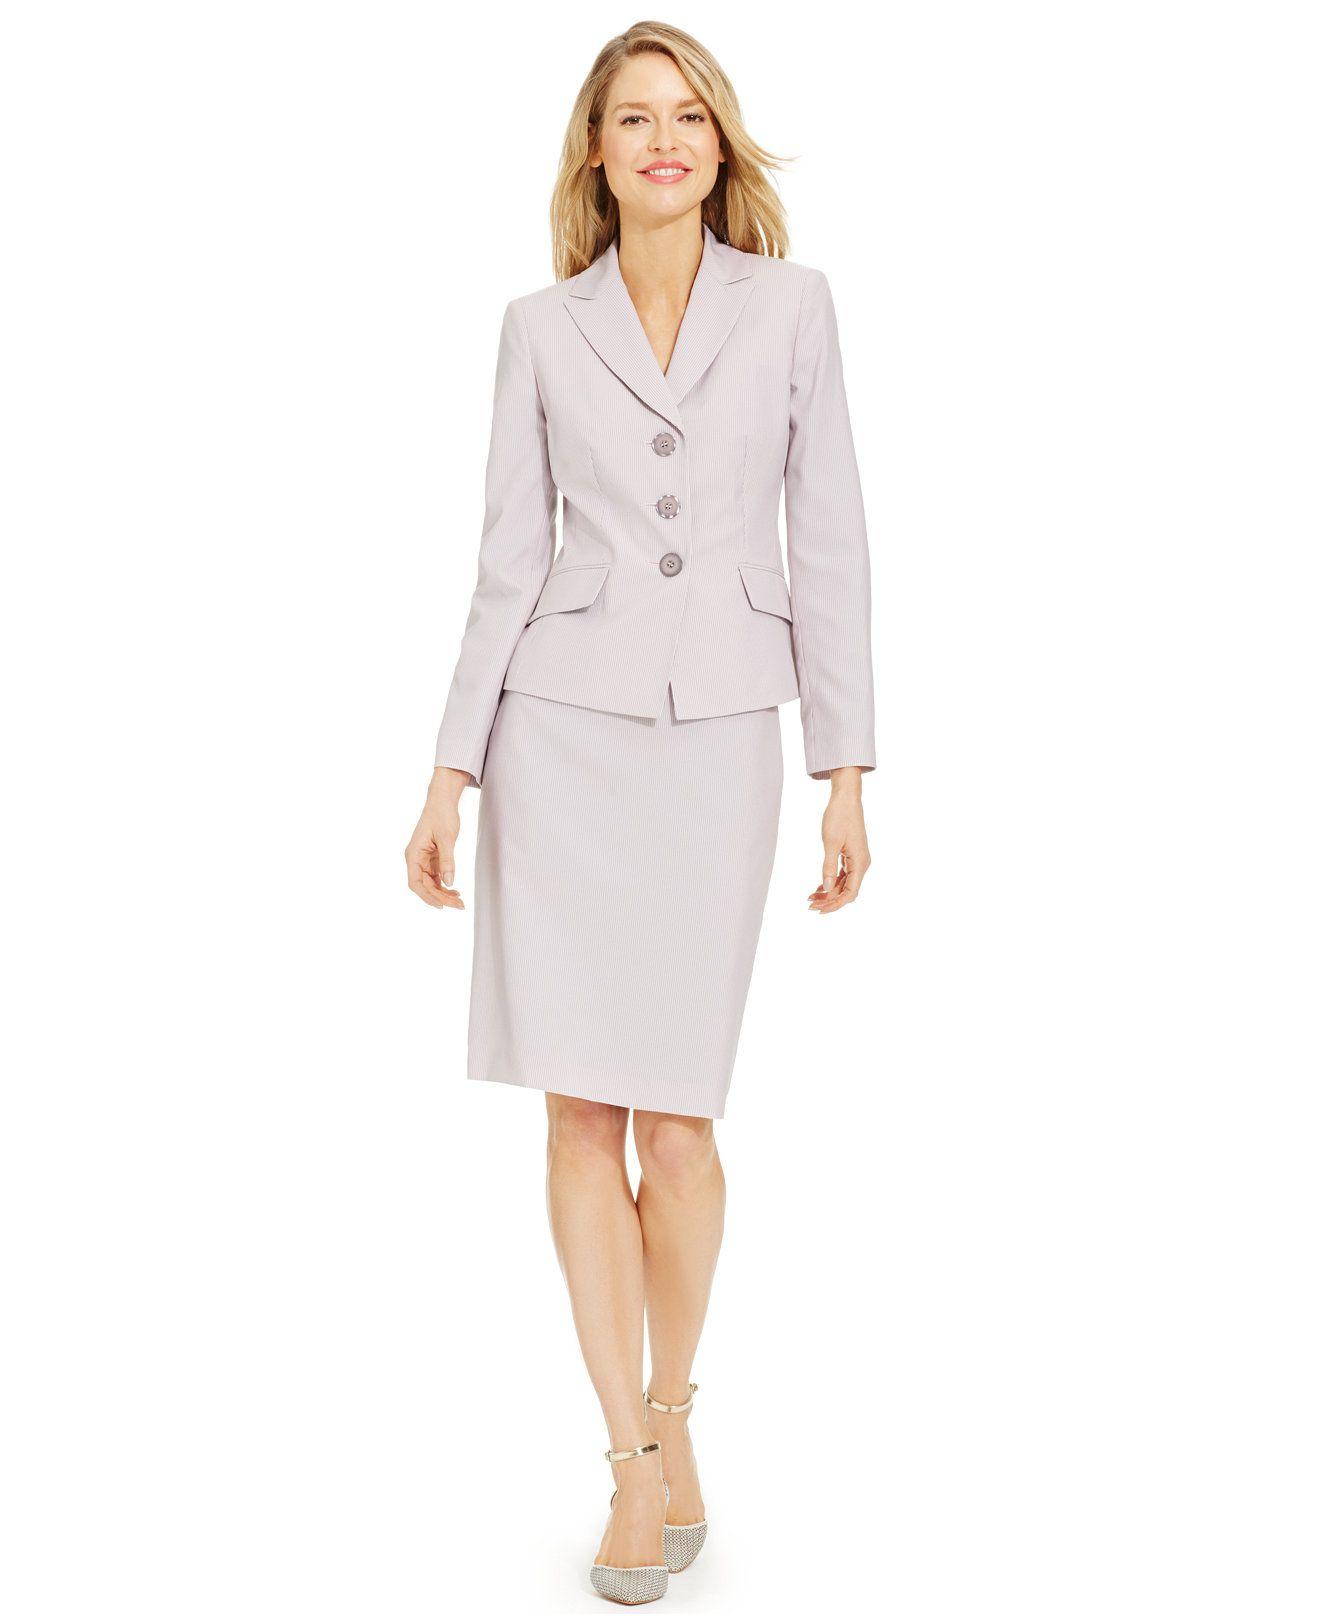 Le Suit Three-Button Pinstripe Skirt Suit - All Suits & Suit ...